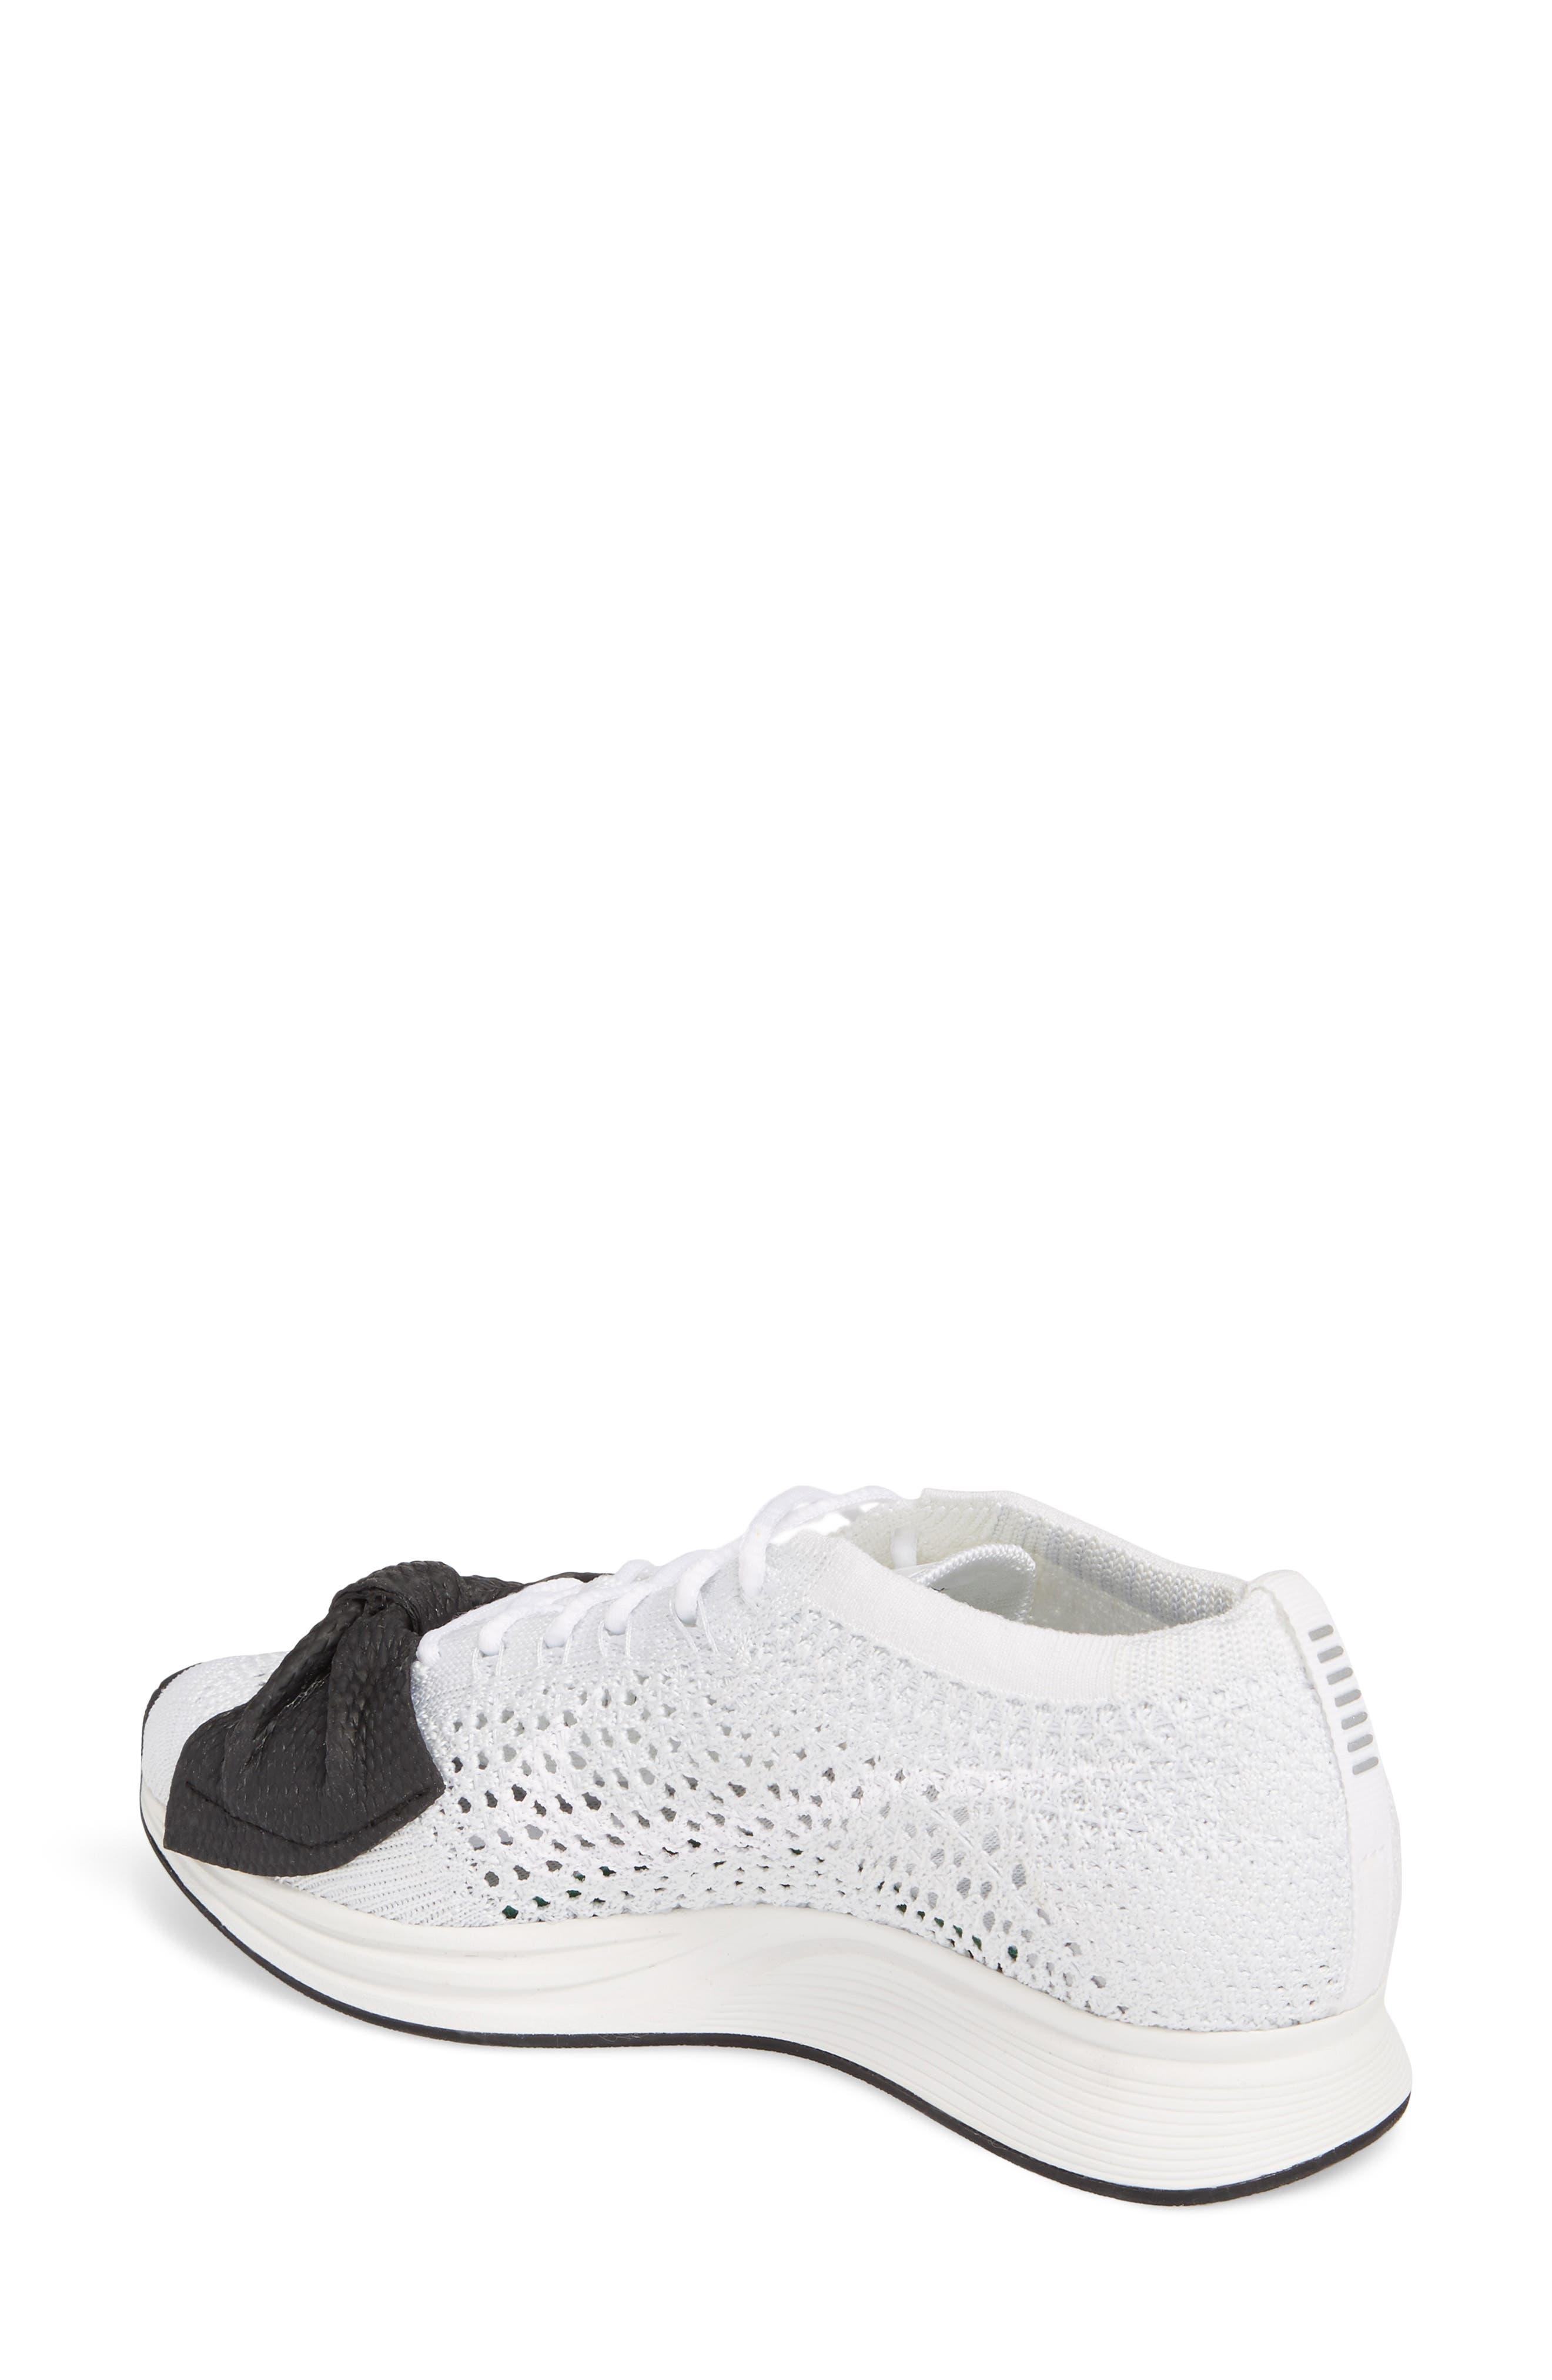 x Nike Bow Flyknit Racer Sneaker,                             Alternate thumbnail 2, color,                             White